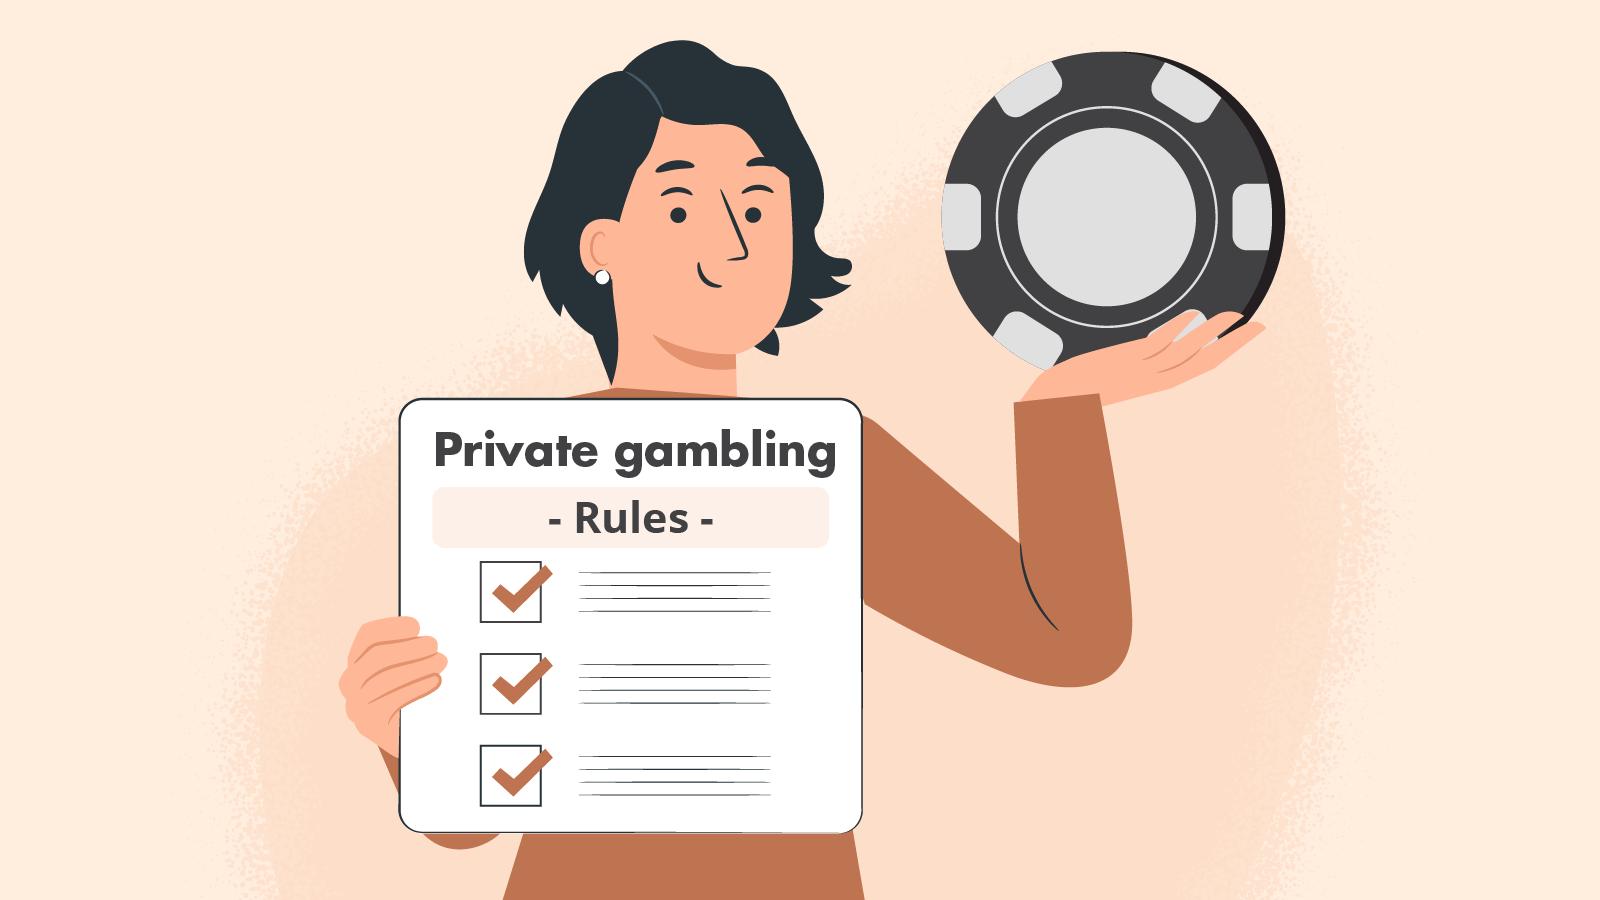 Private gambling